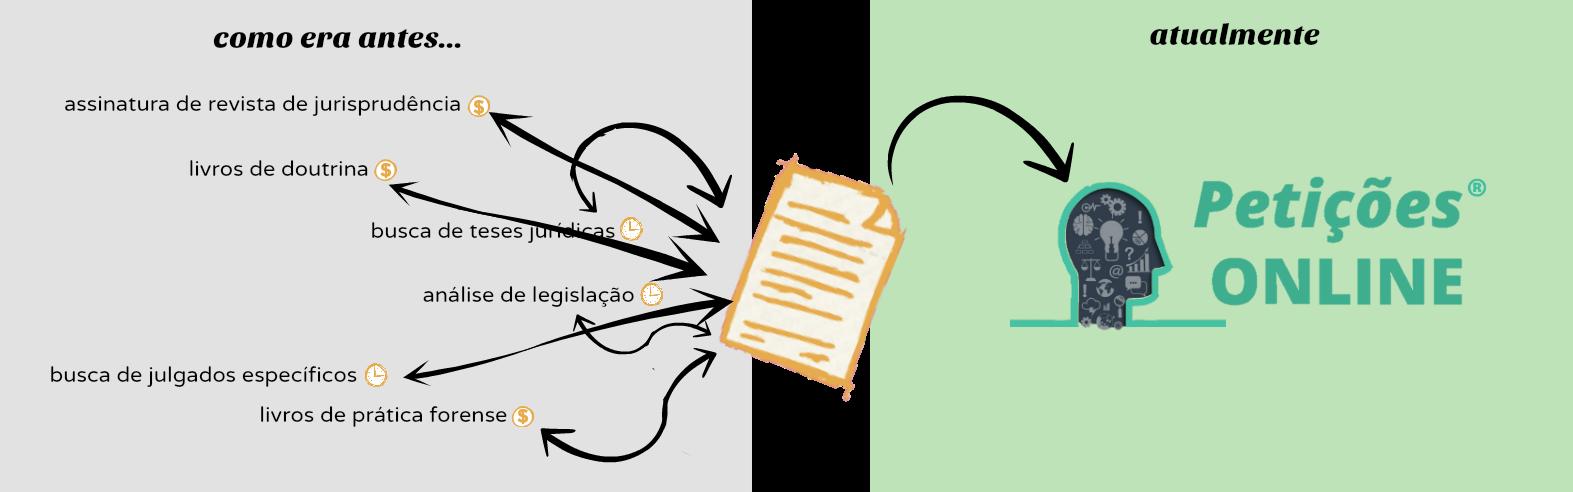 Conheça o Sistema de Assinatura do Petições Online